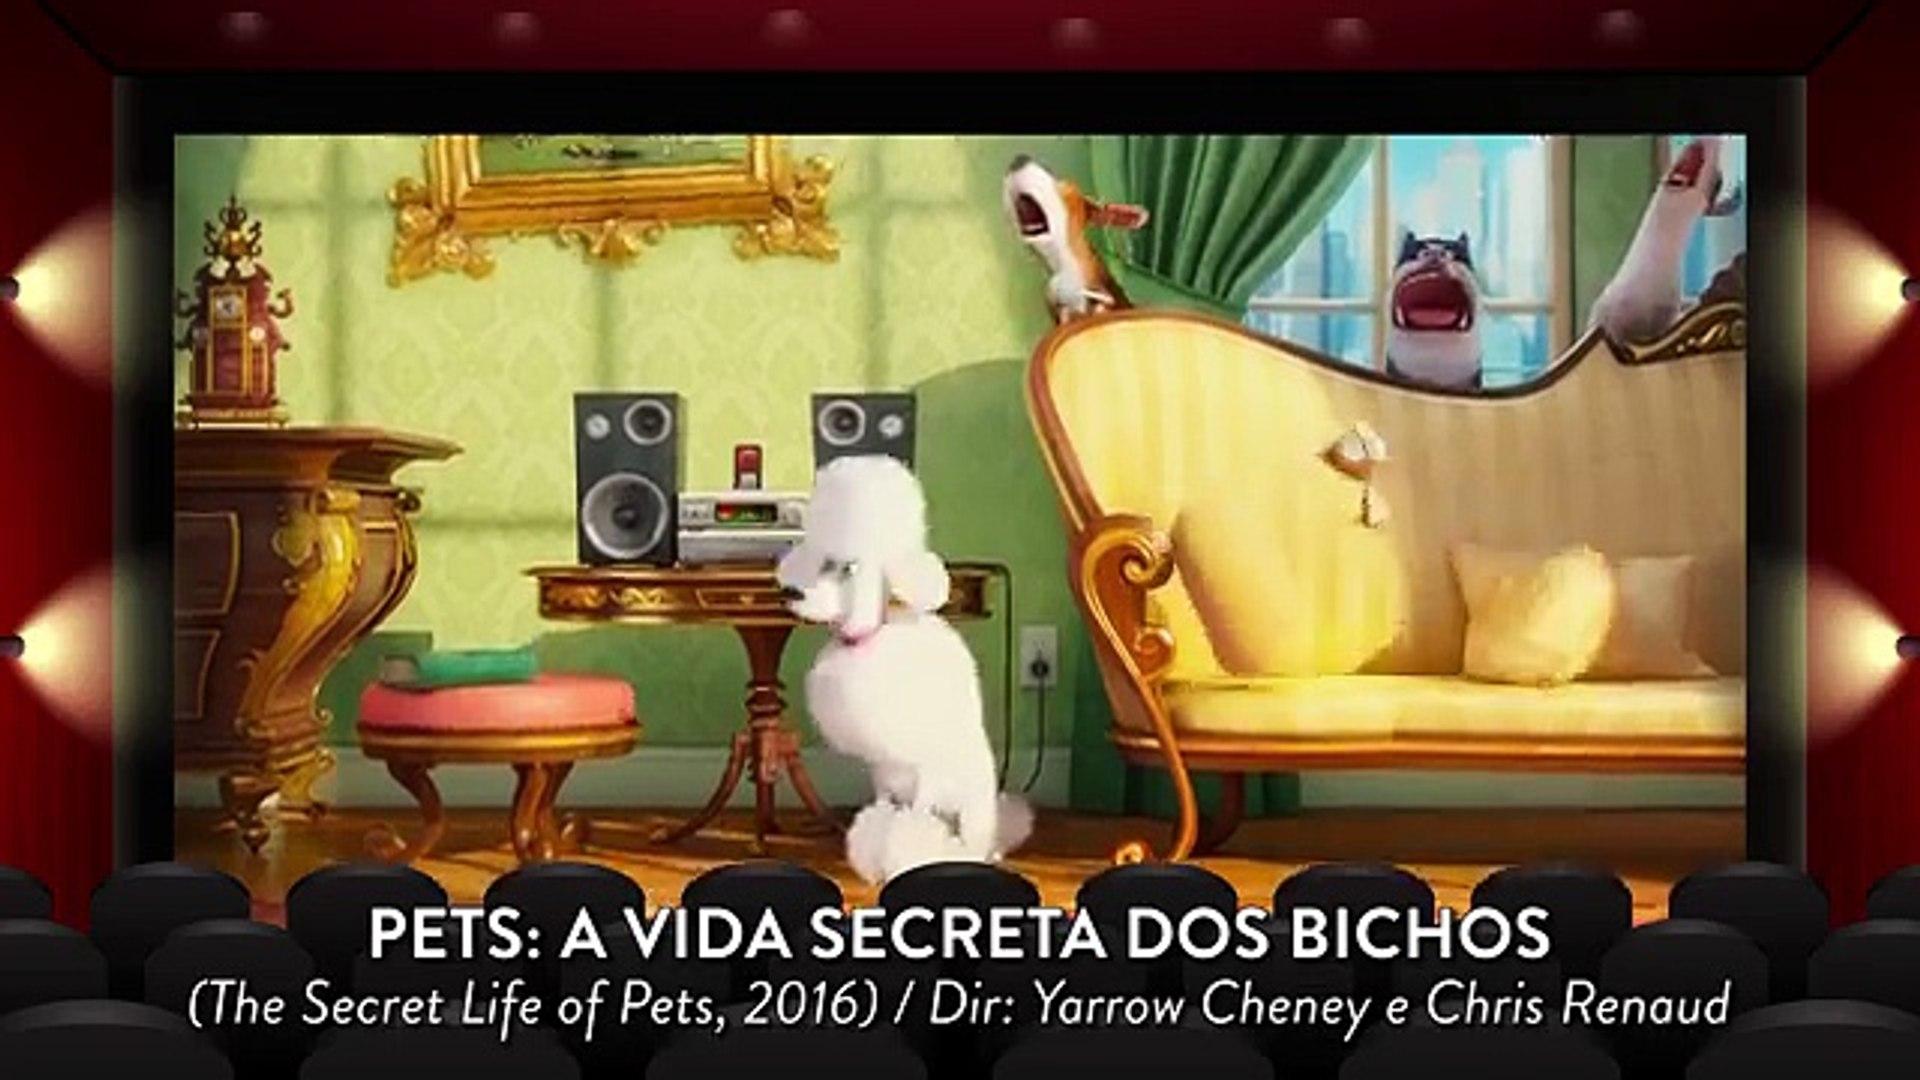 A Vida Secreta Dos Bichos O Filme Completo Dublado pets: a vida secreta dos bichos é bom? - vale crítica